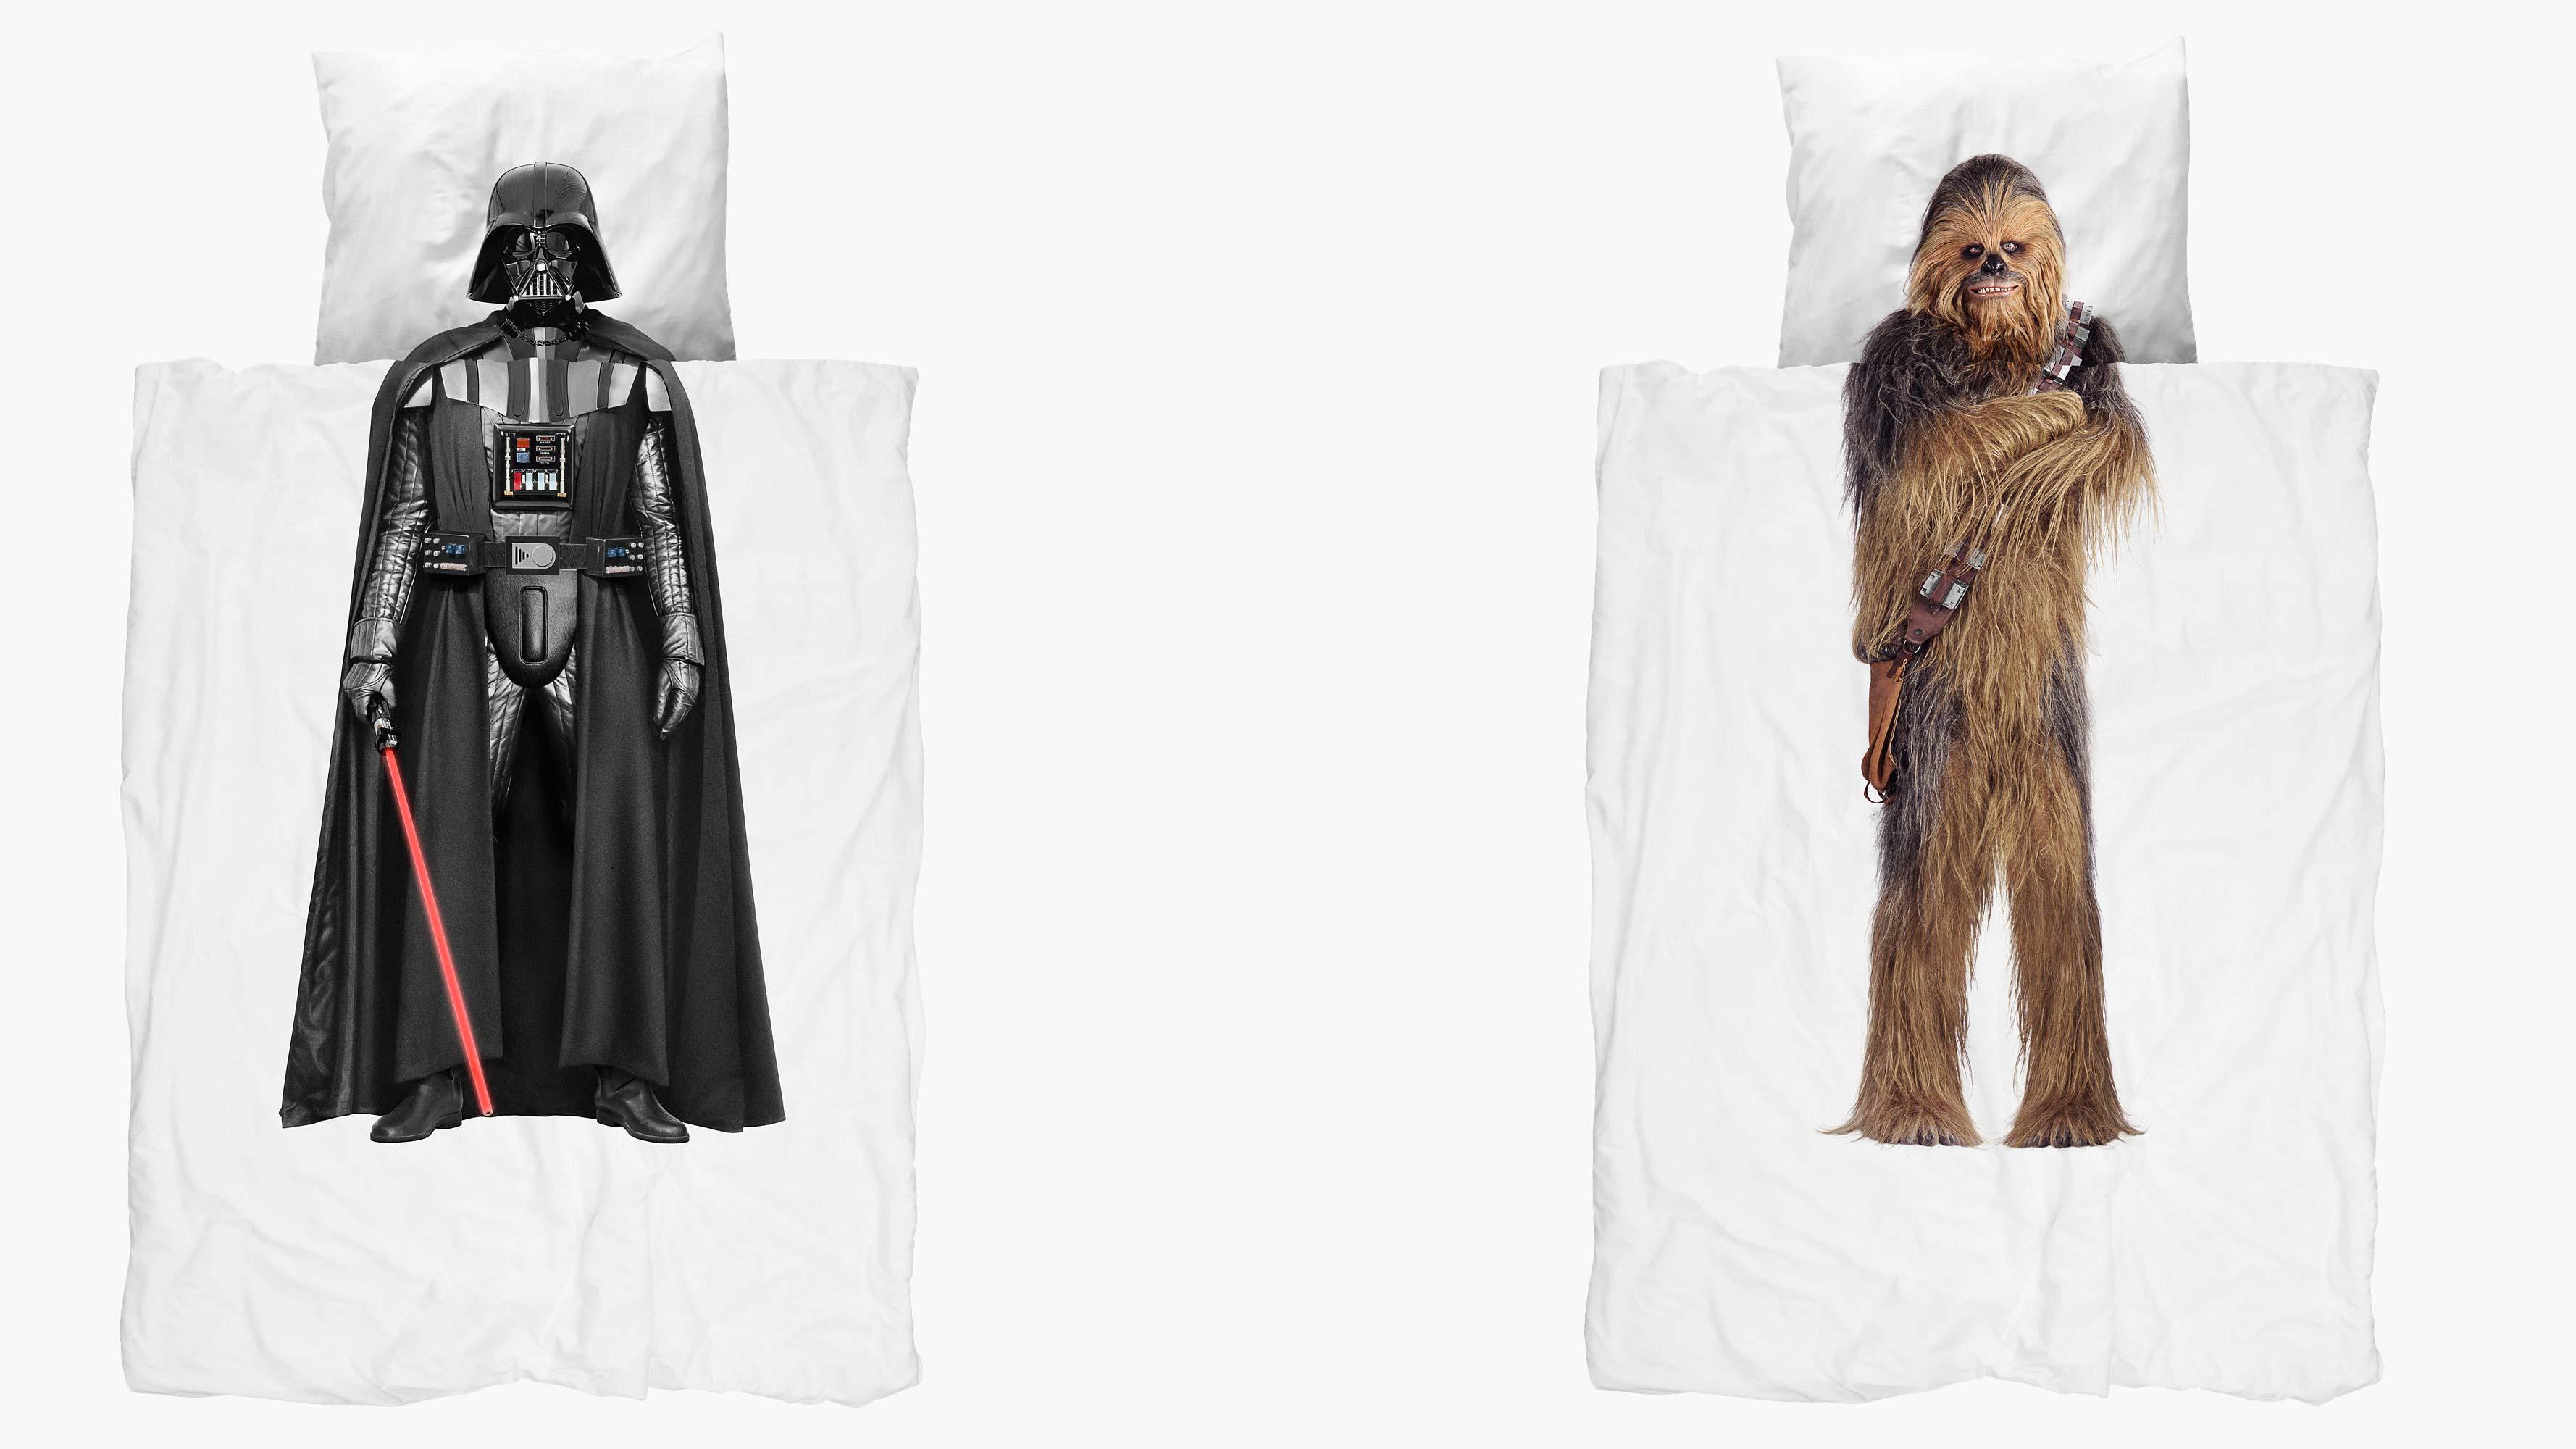 mit darth vader und chewbacca flotter dreier dank star. Black Bedroom Furniture Sets. Home Design Ideas